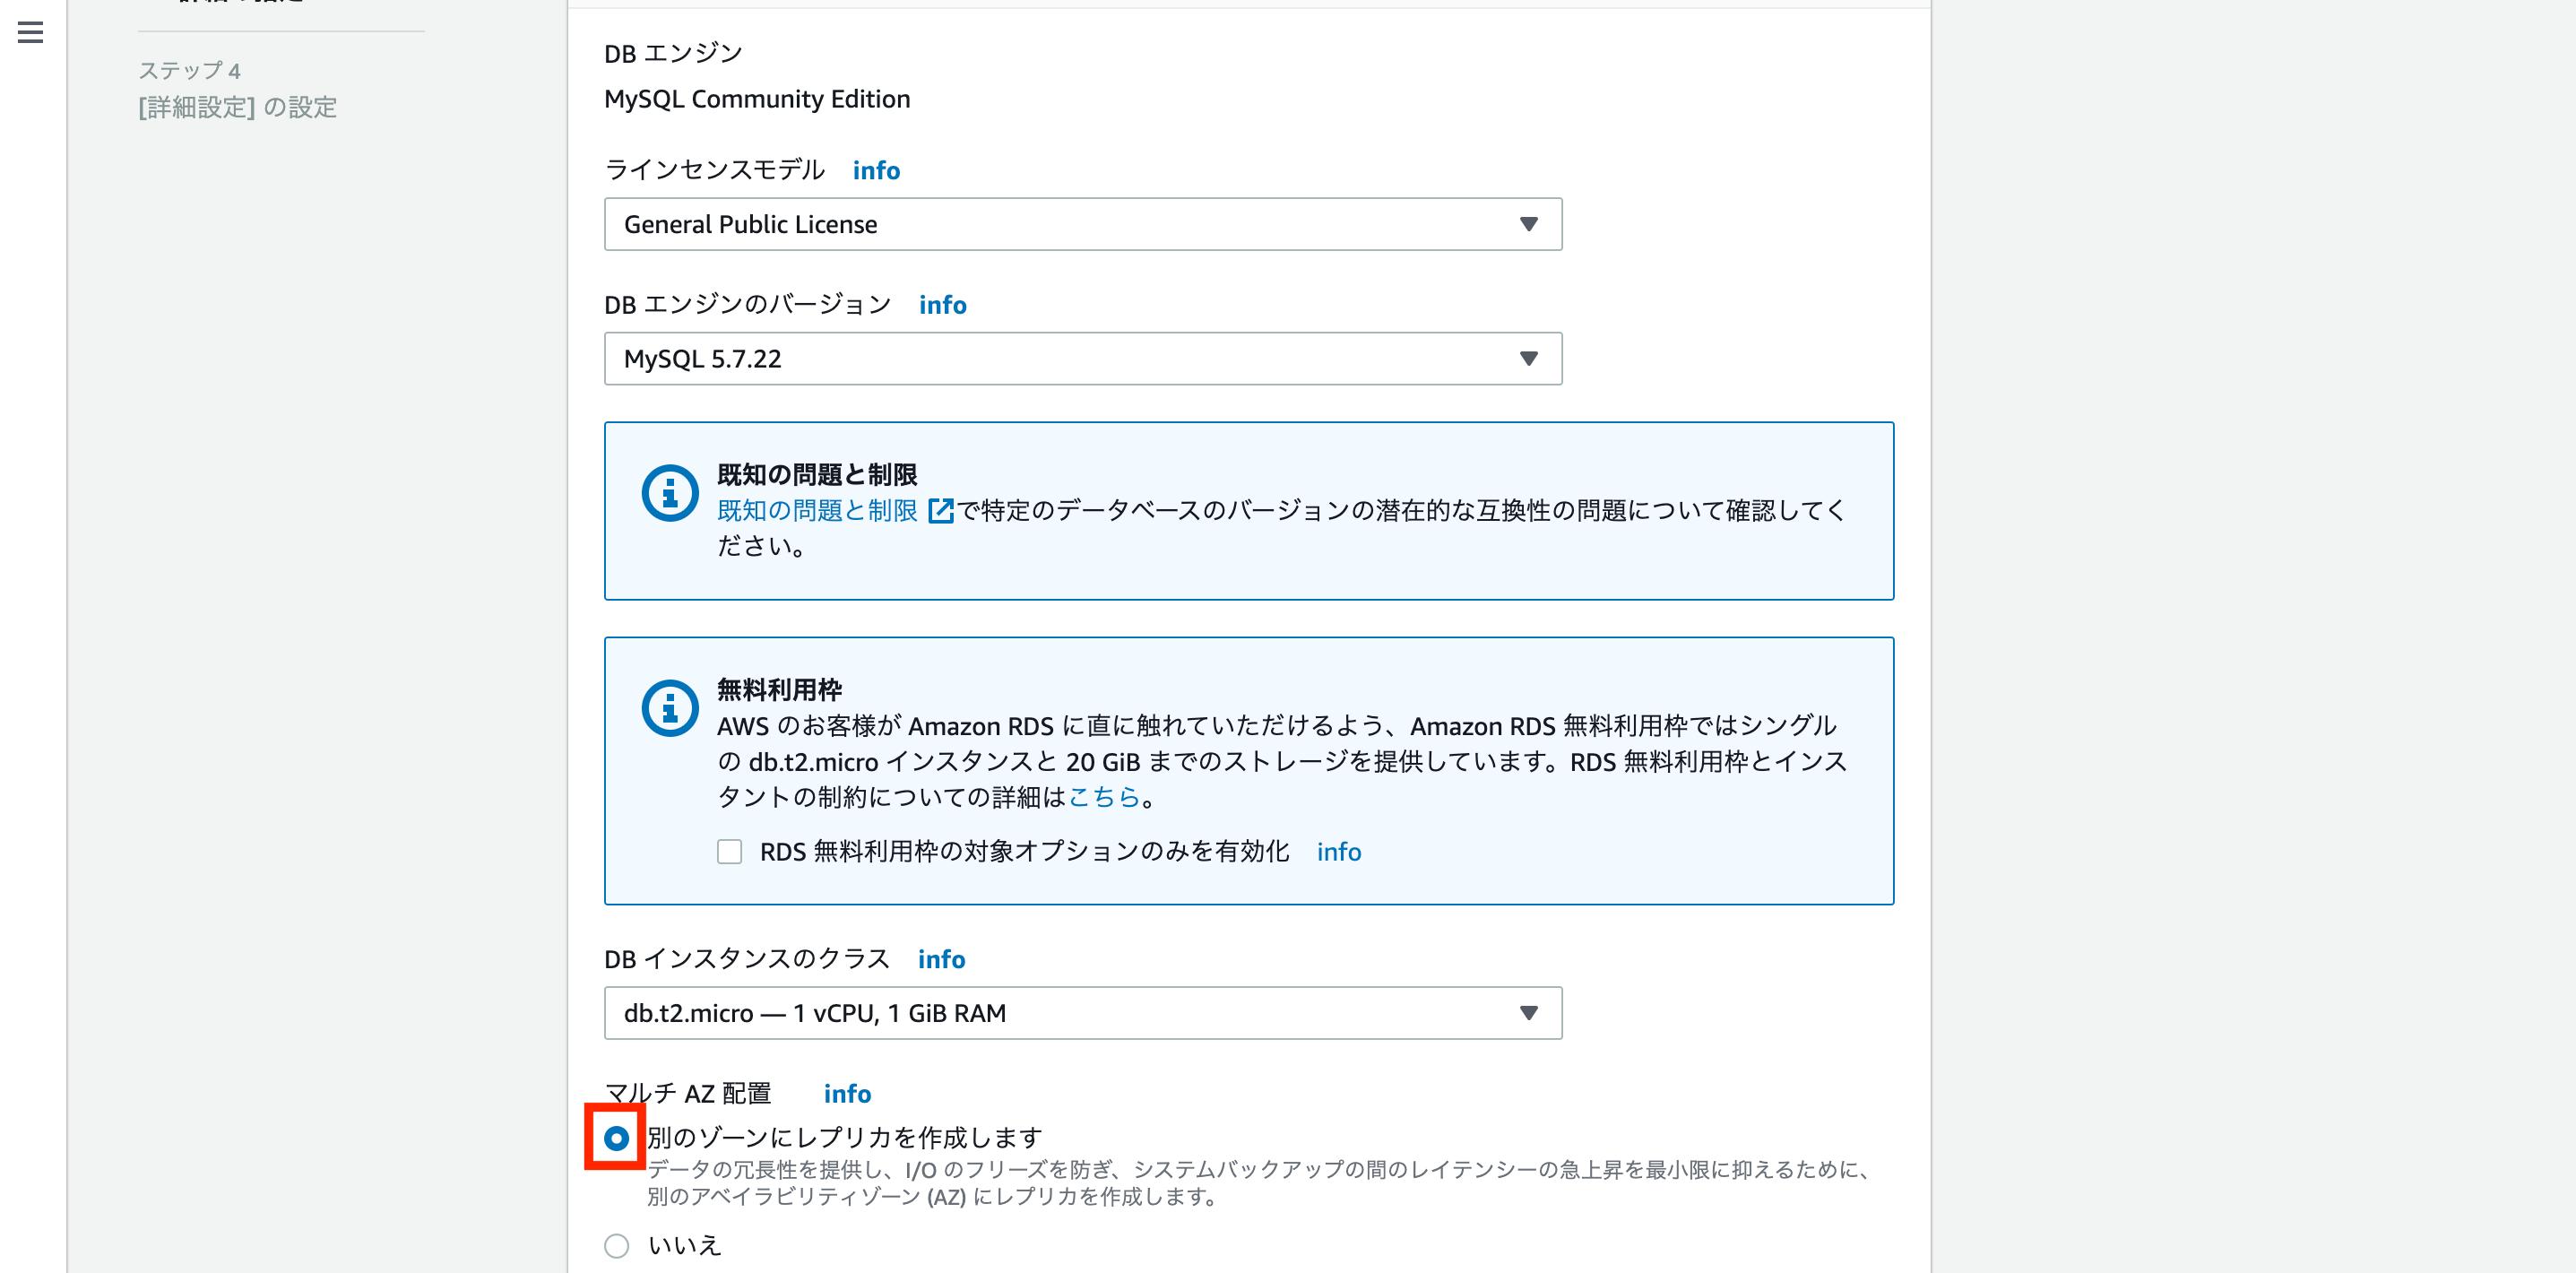 スクリーンショット 2020-03-21 13.03.26.png